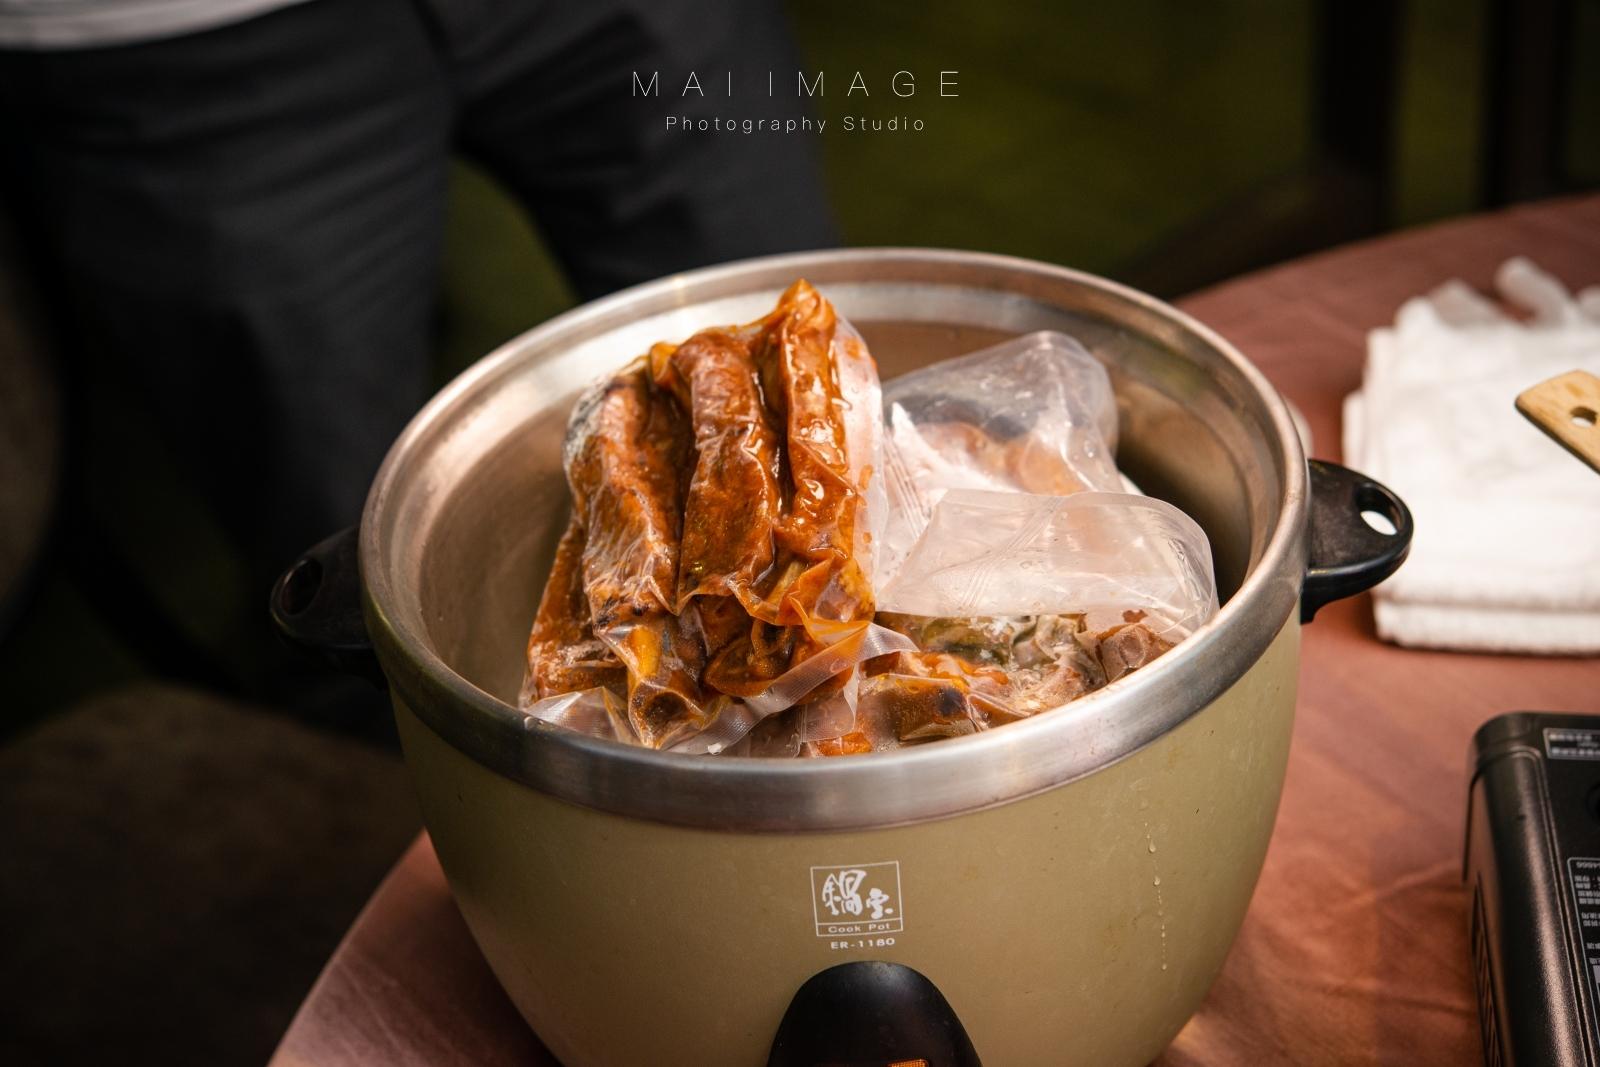 『台北美食』連兩屆米其林餐盤推薦,飄香30多年的好味道~蘇杭餐廳!經典江浙料理在家也可以輕鬆吃得到。捷運大坪林站美食